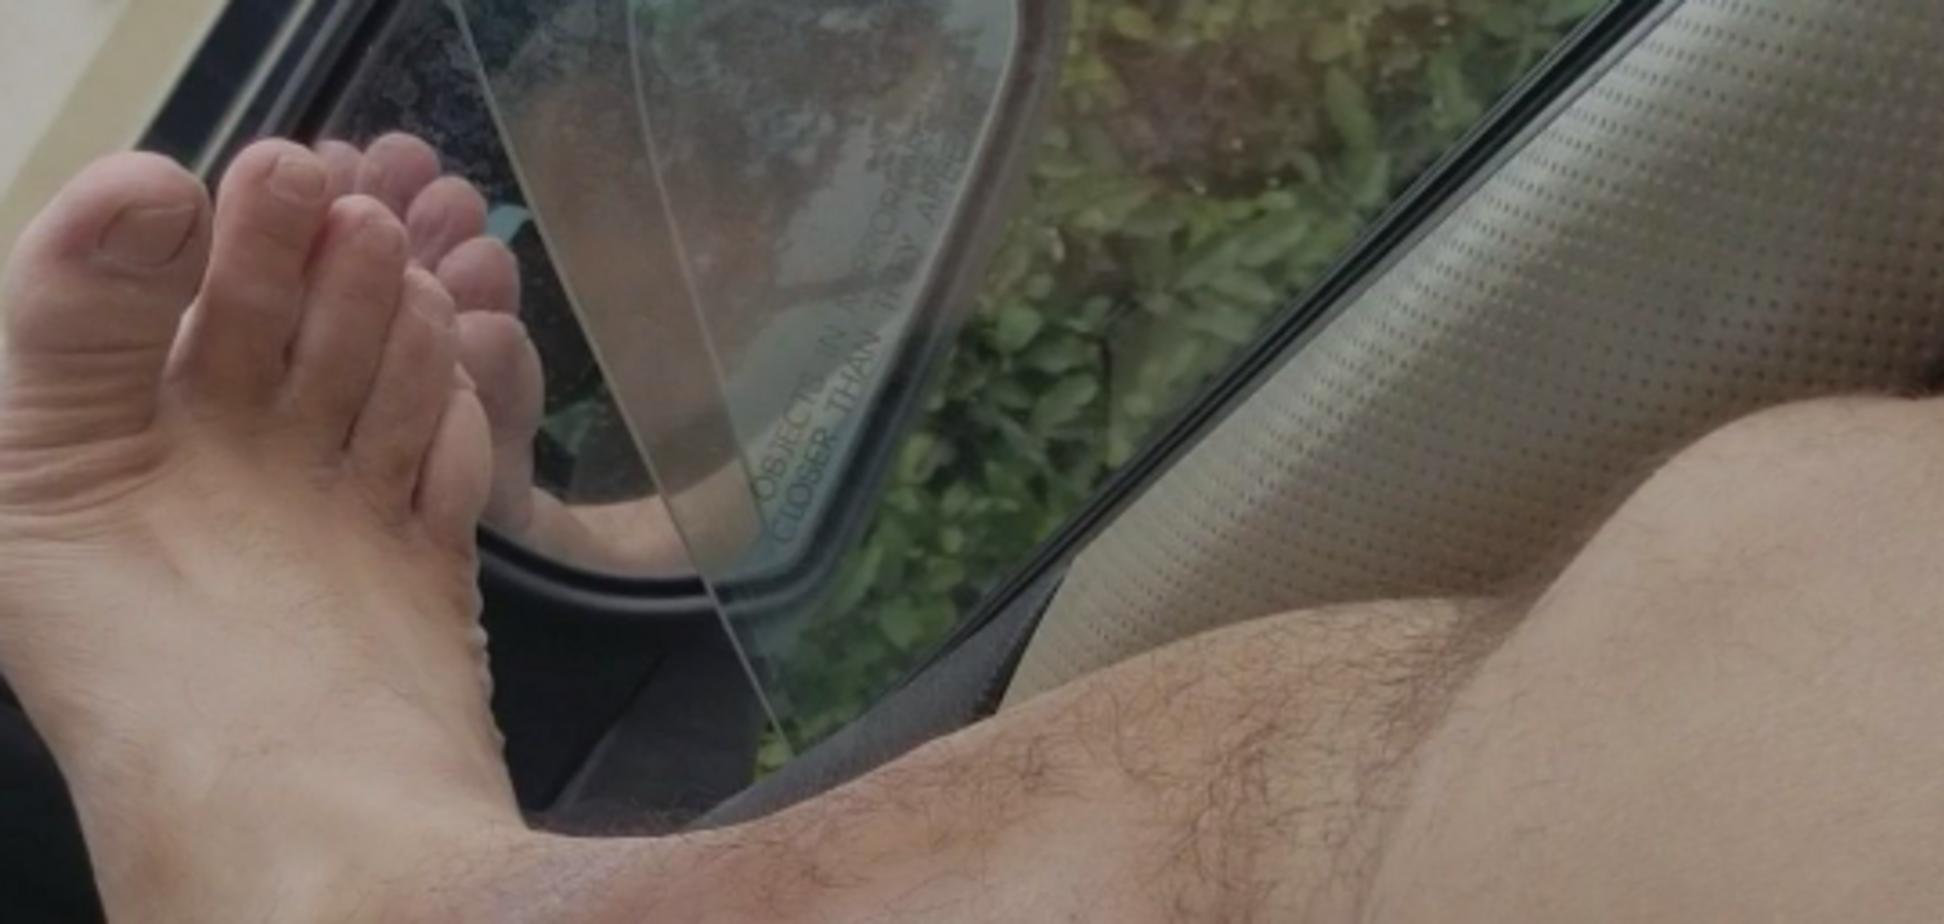 'Чужой, рвущийся на свободу': сеть поразило видео судороги на ноге у мужчины